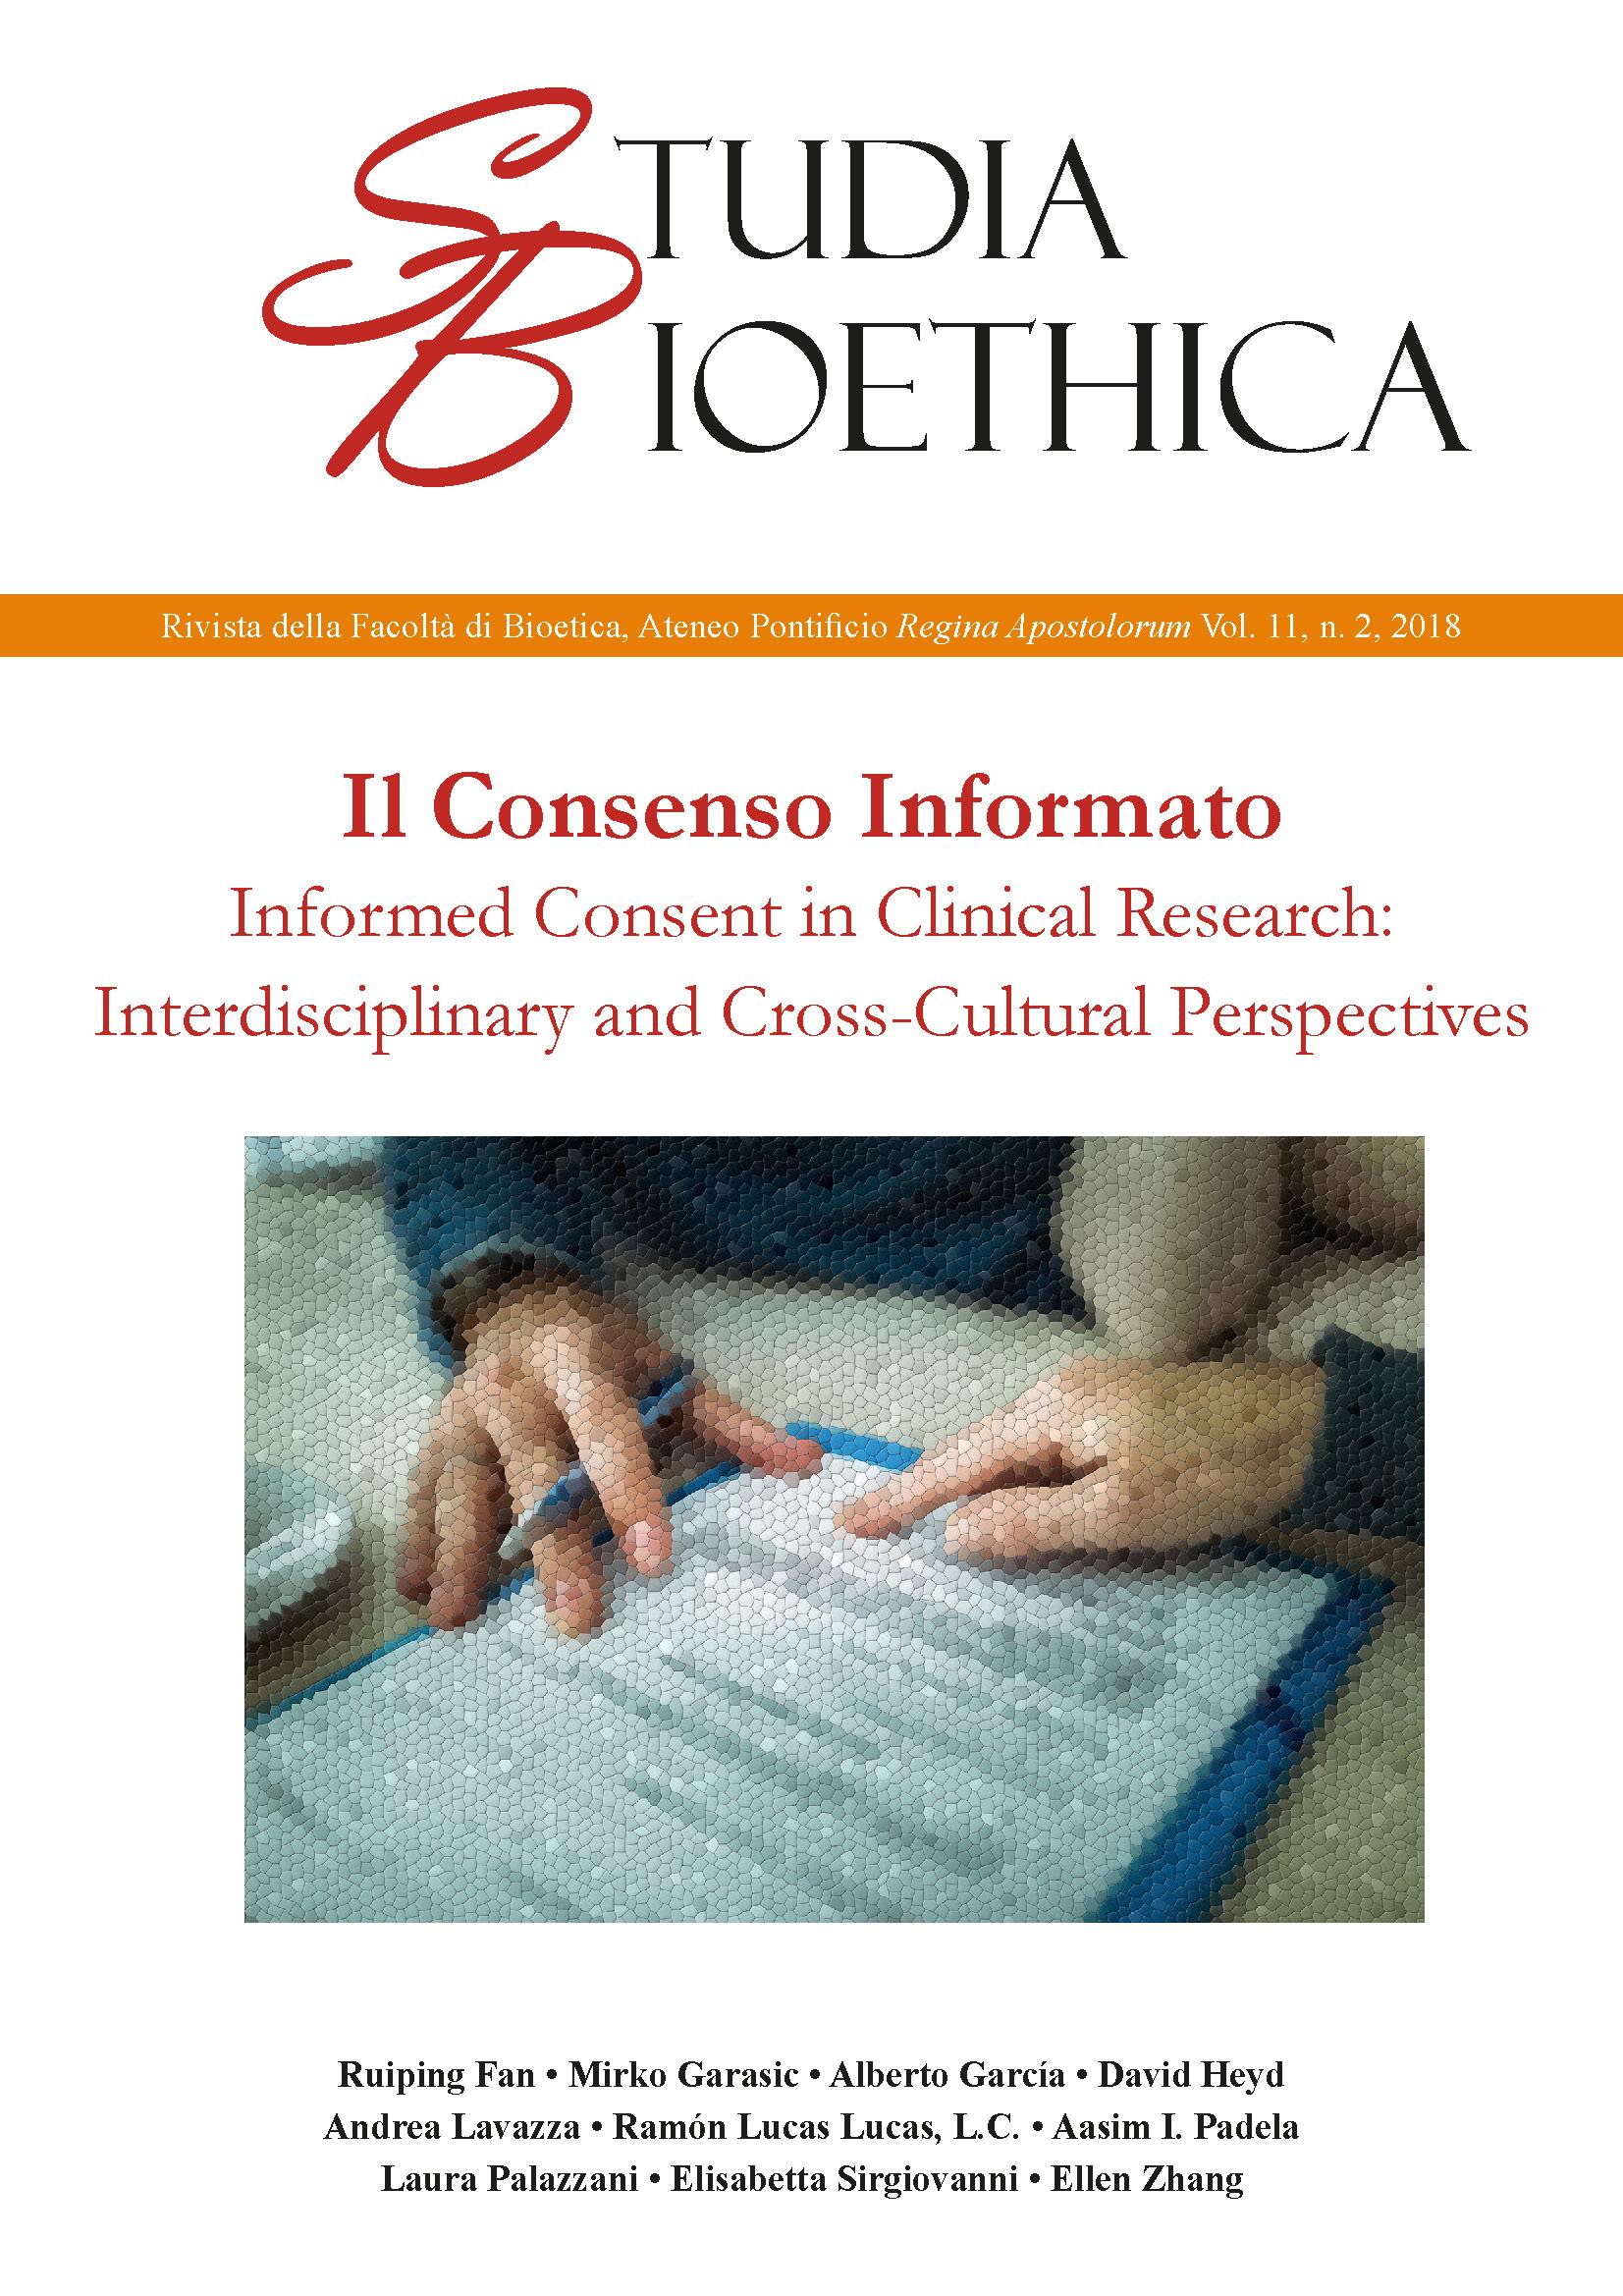 Studia Bioethica, numero 2 del 2018, sul Consenso Informato (Informed Consent)